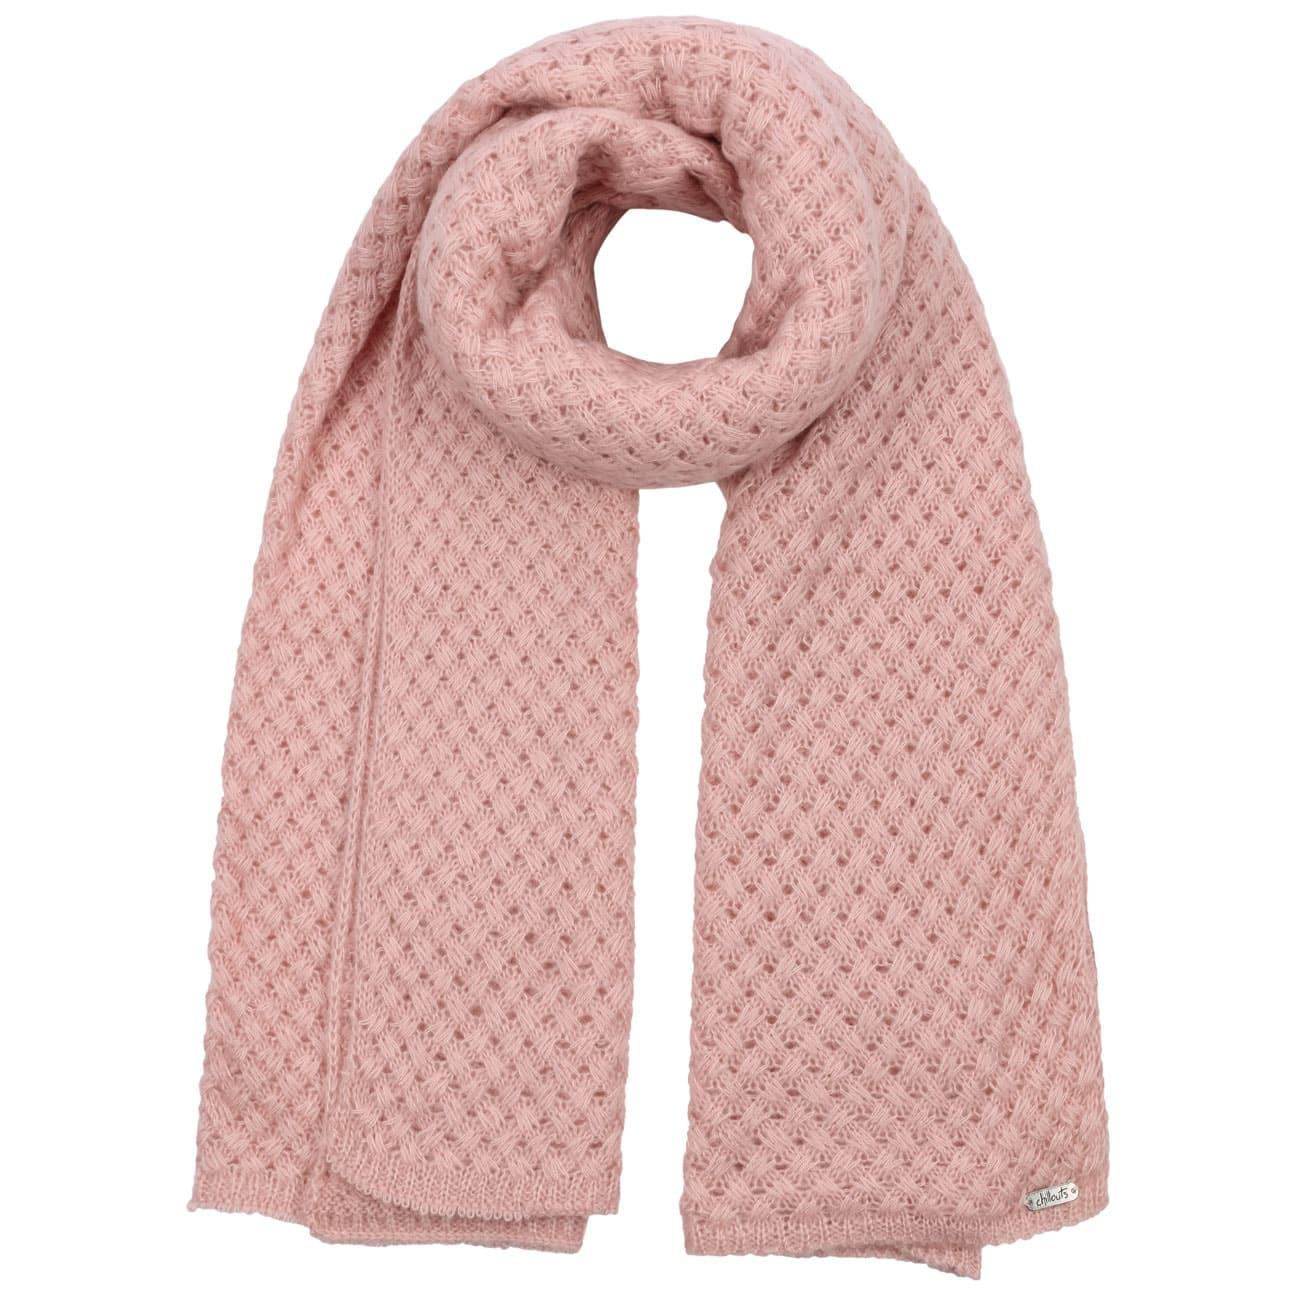 Échard Pour Femme Felicy by Chillouts  foulard pour femme